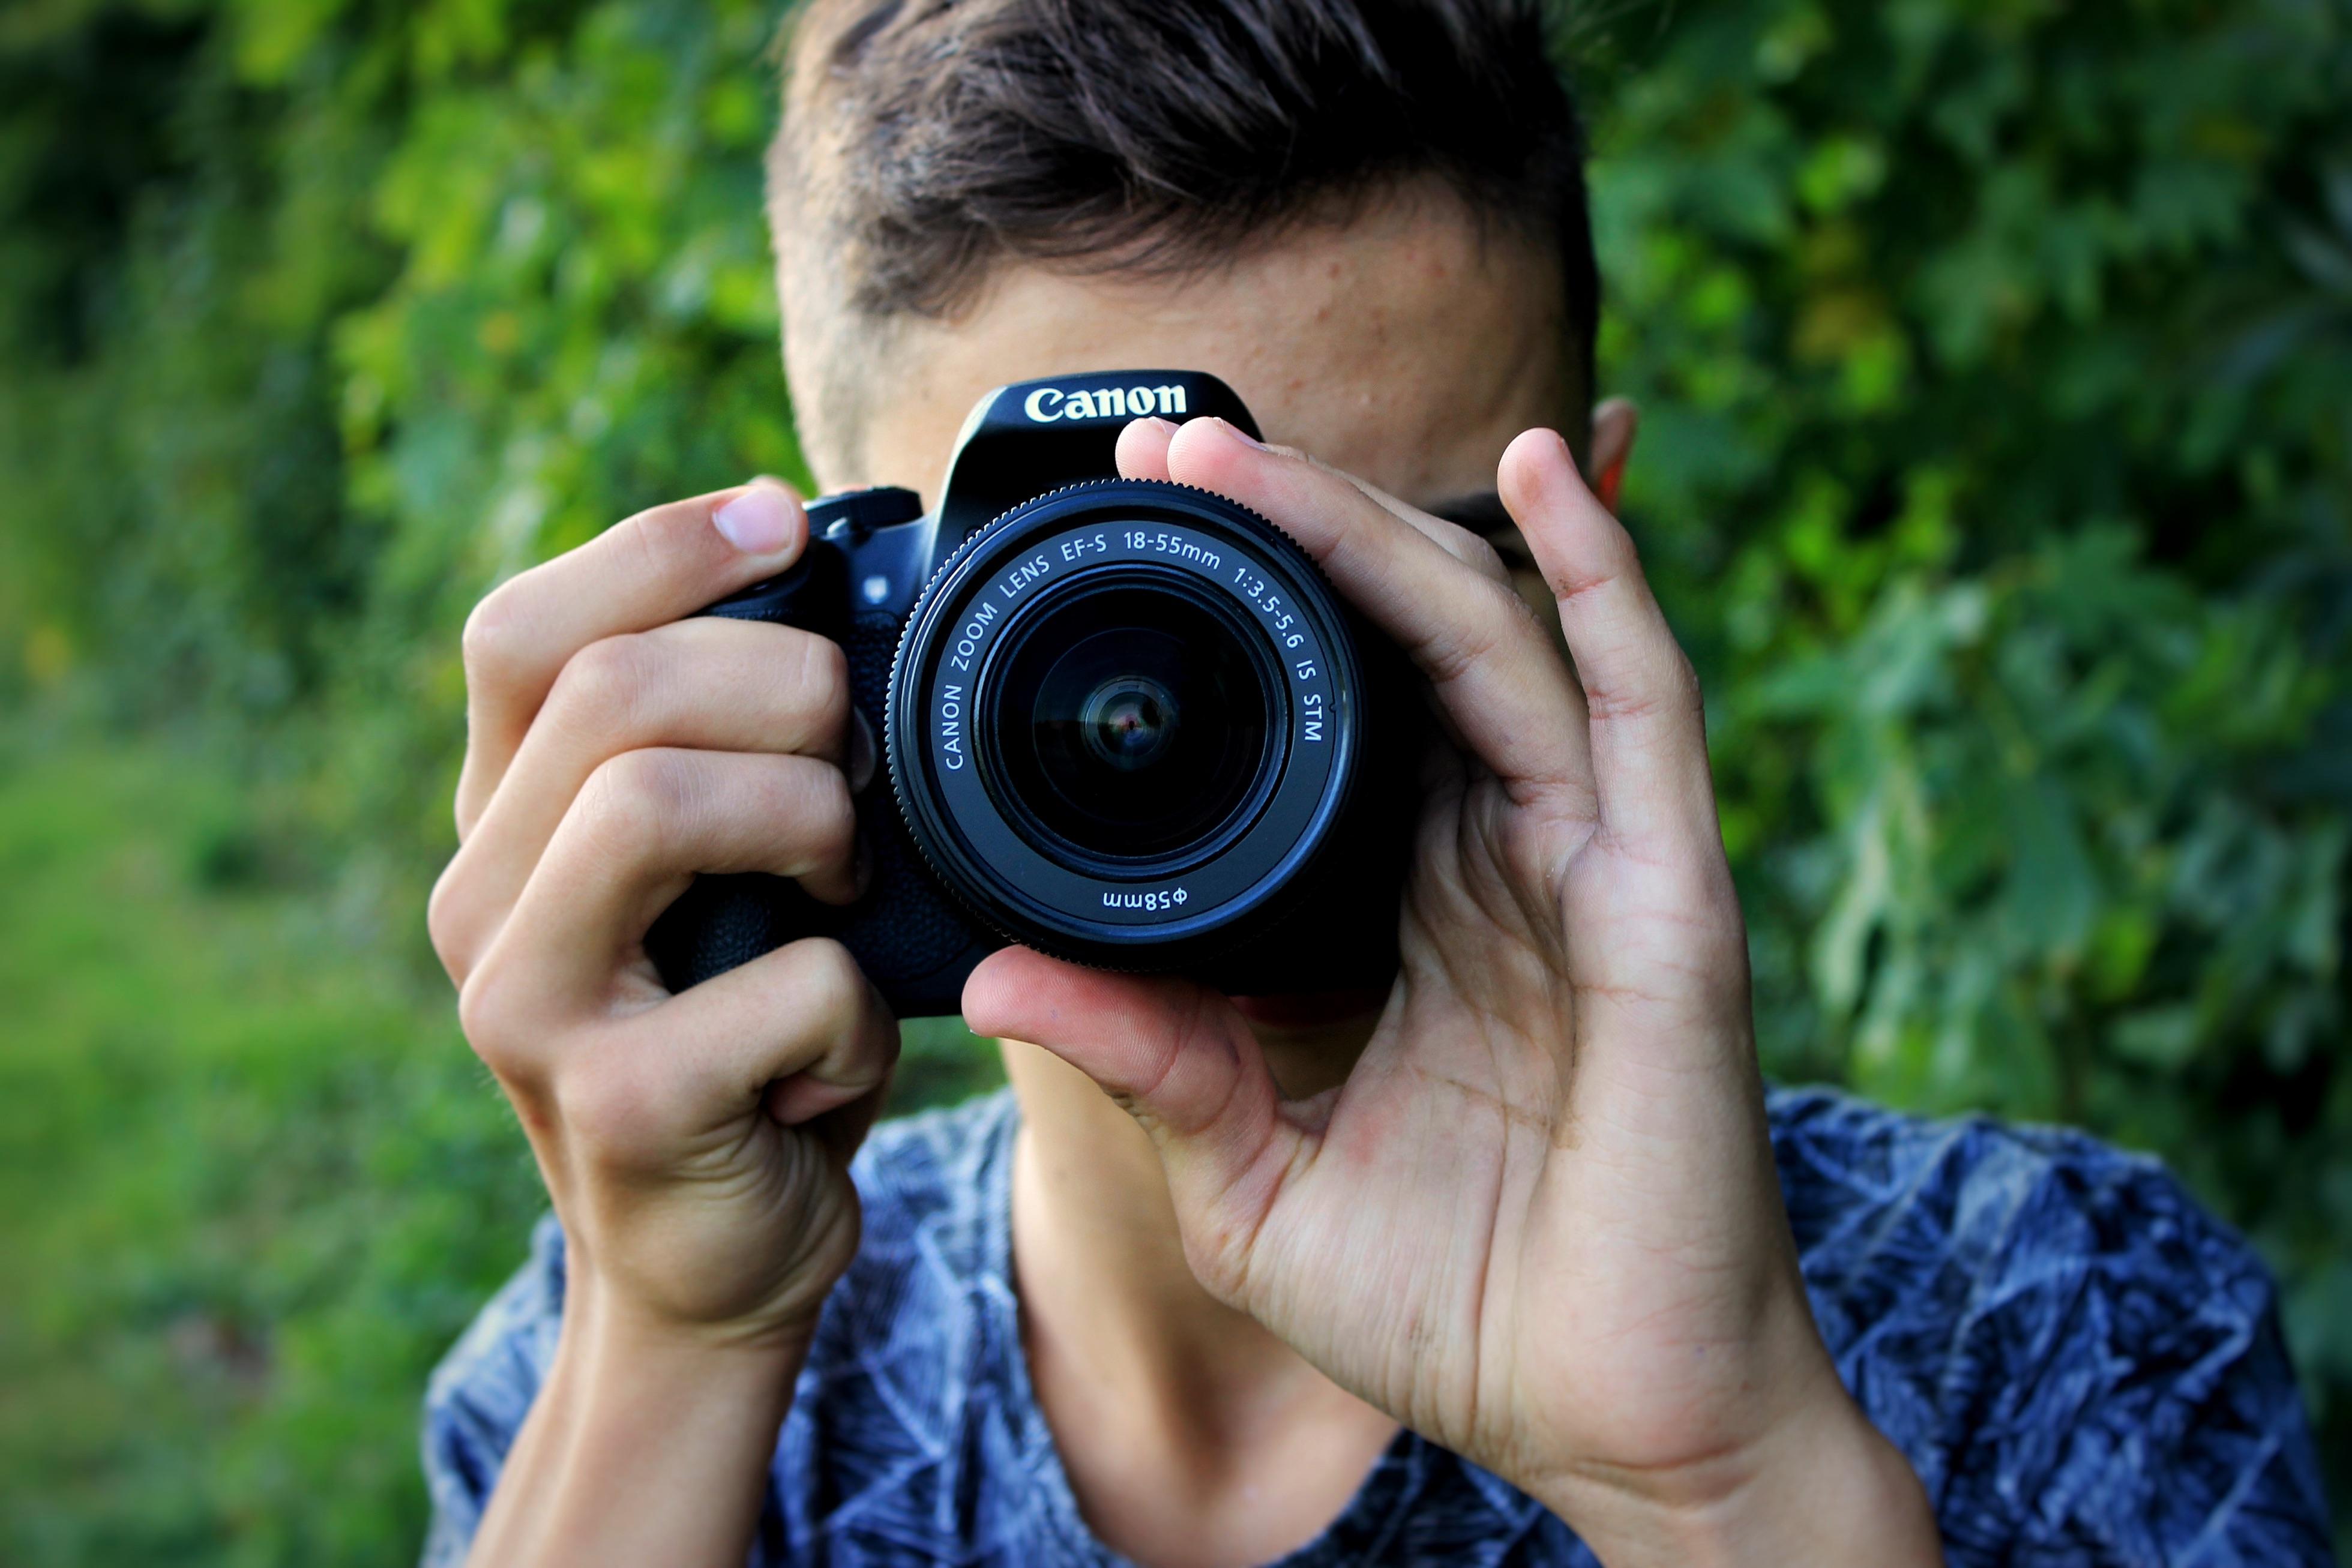 manusia orang kamera fotografi juru potret bermain potret norma anak merapatkan kamera refleks kamera digital mata